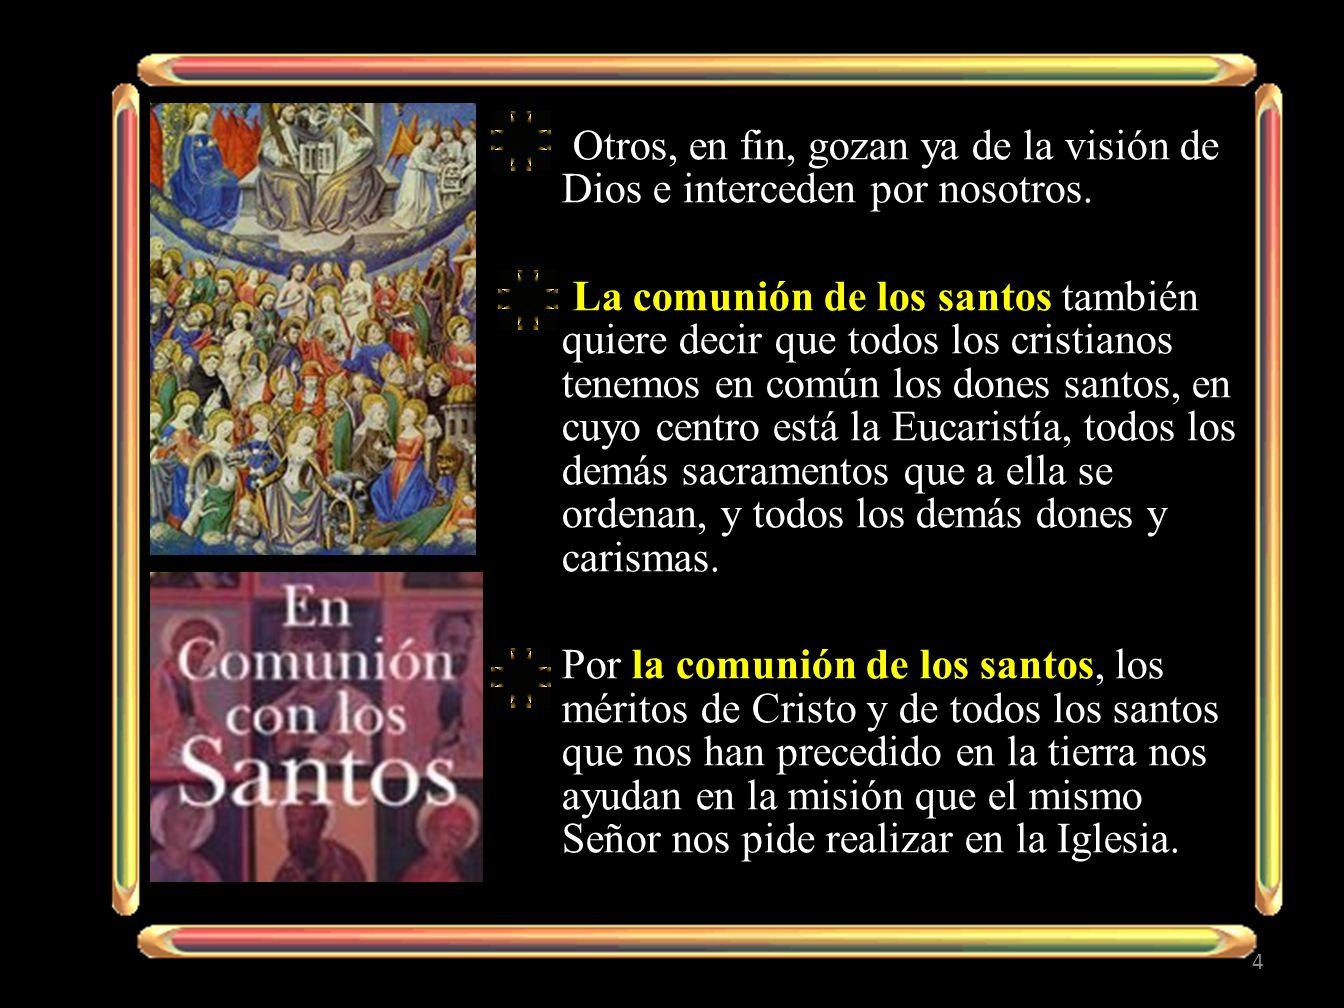 Otros, en fin, gozan ya de la visión de Dios e interceden por nosotros.